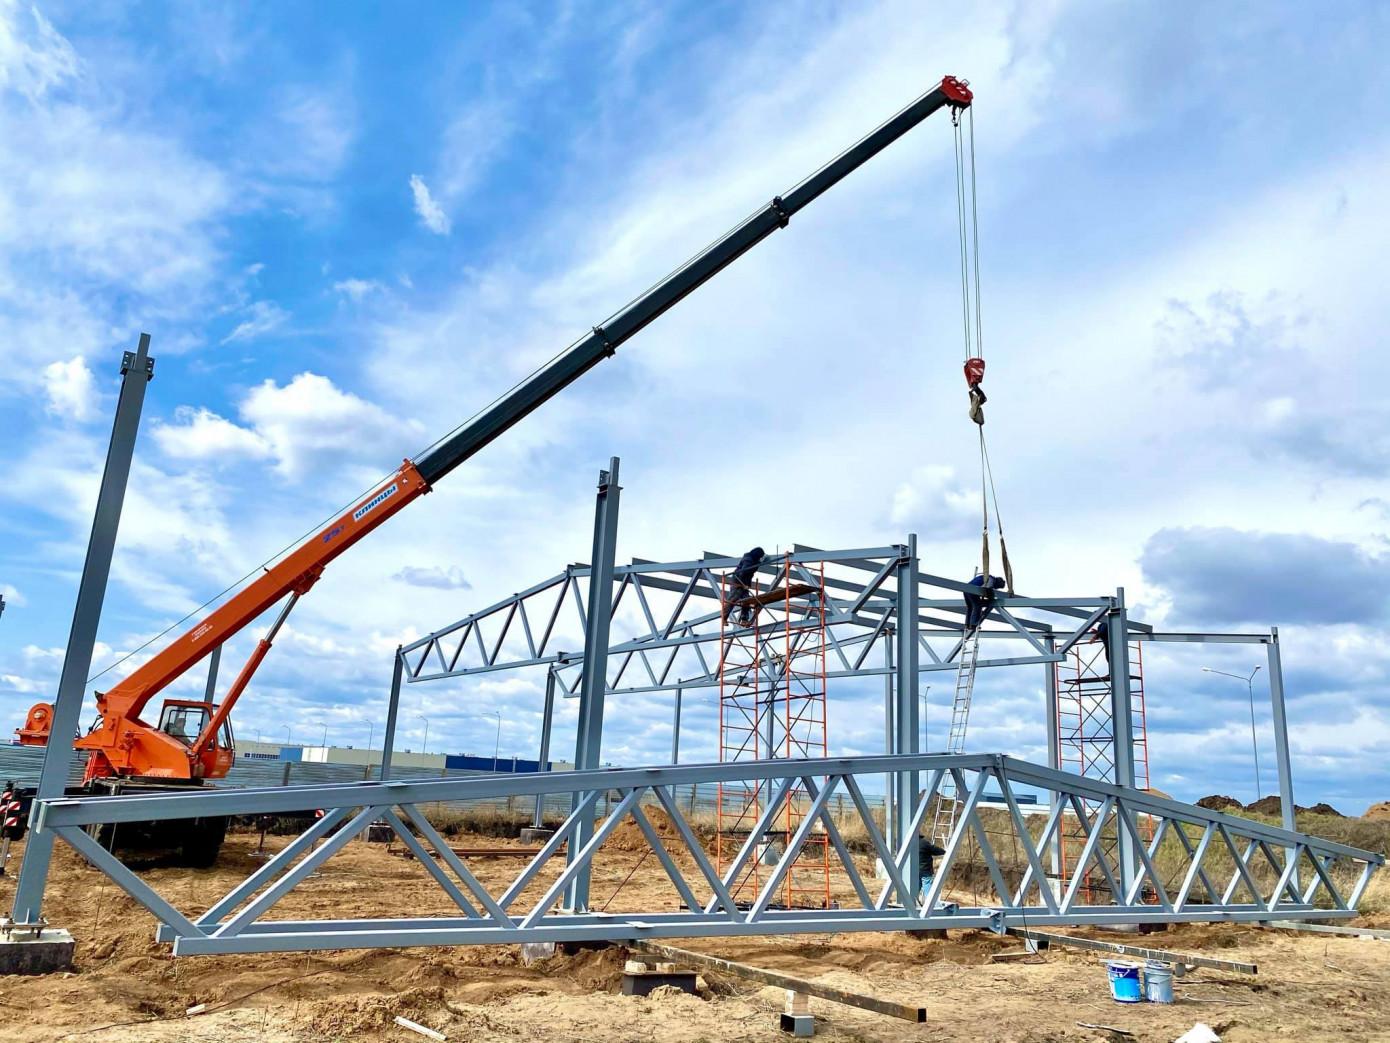 «Марсенал Юнайтед» инвестирует 100 млн руб. в строительство завода по производству упаковочной продукции в Ульяновске